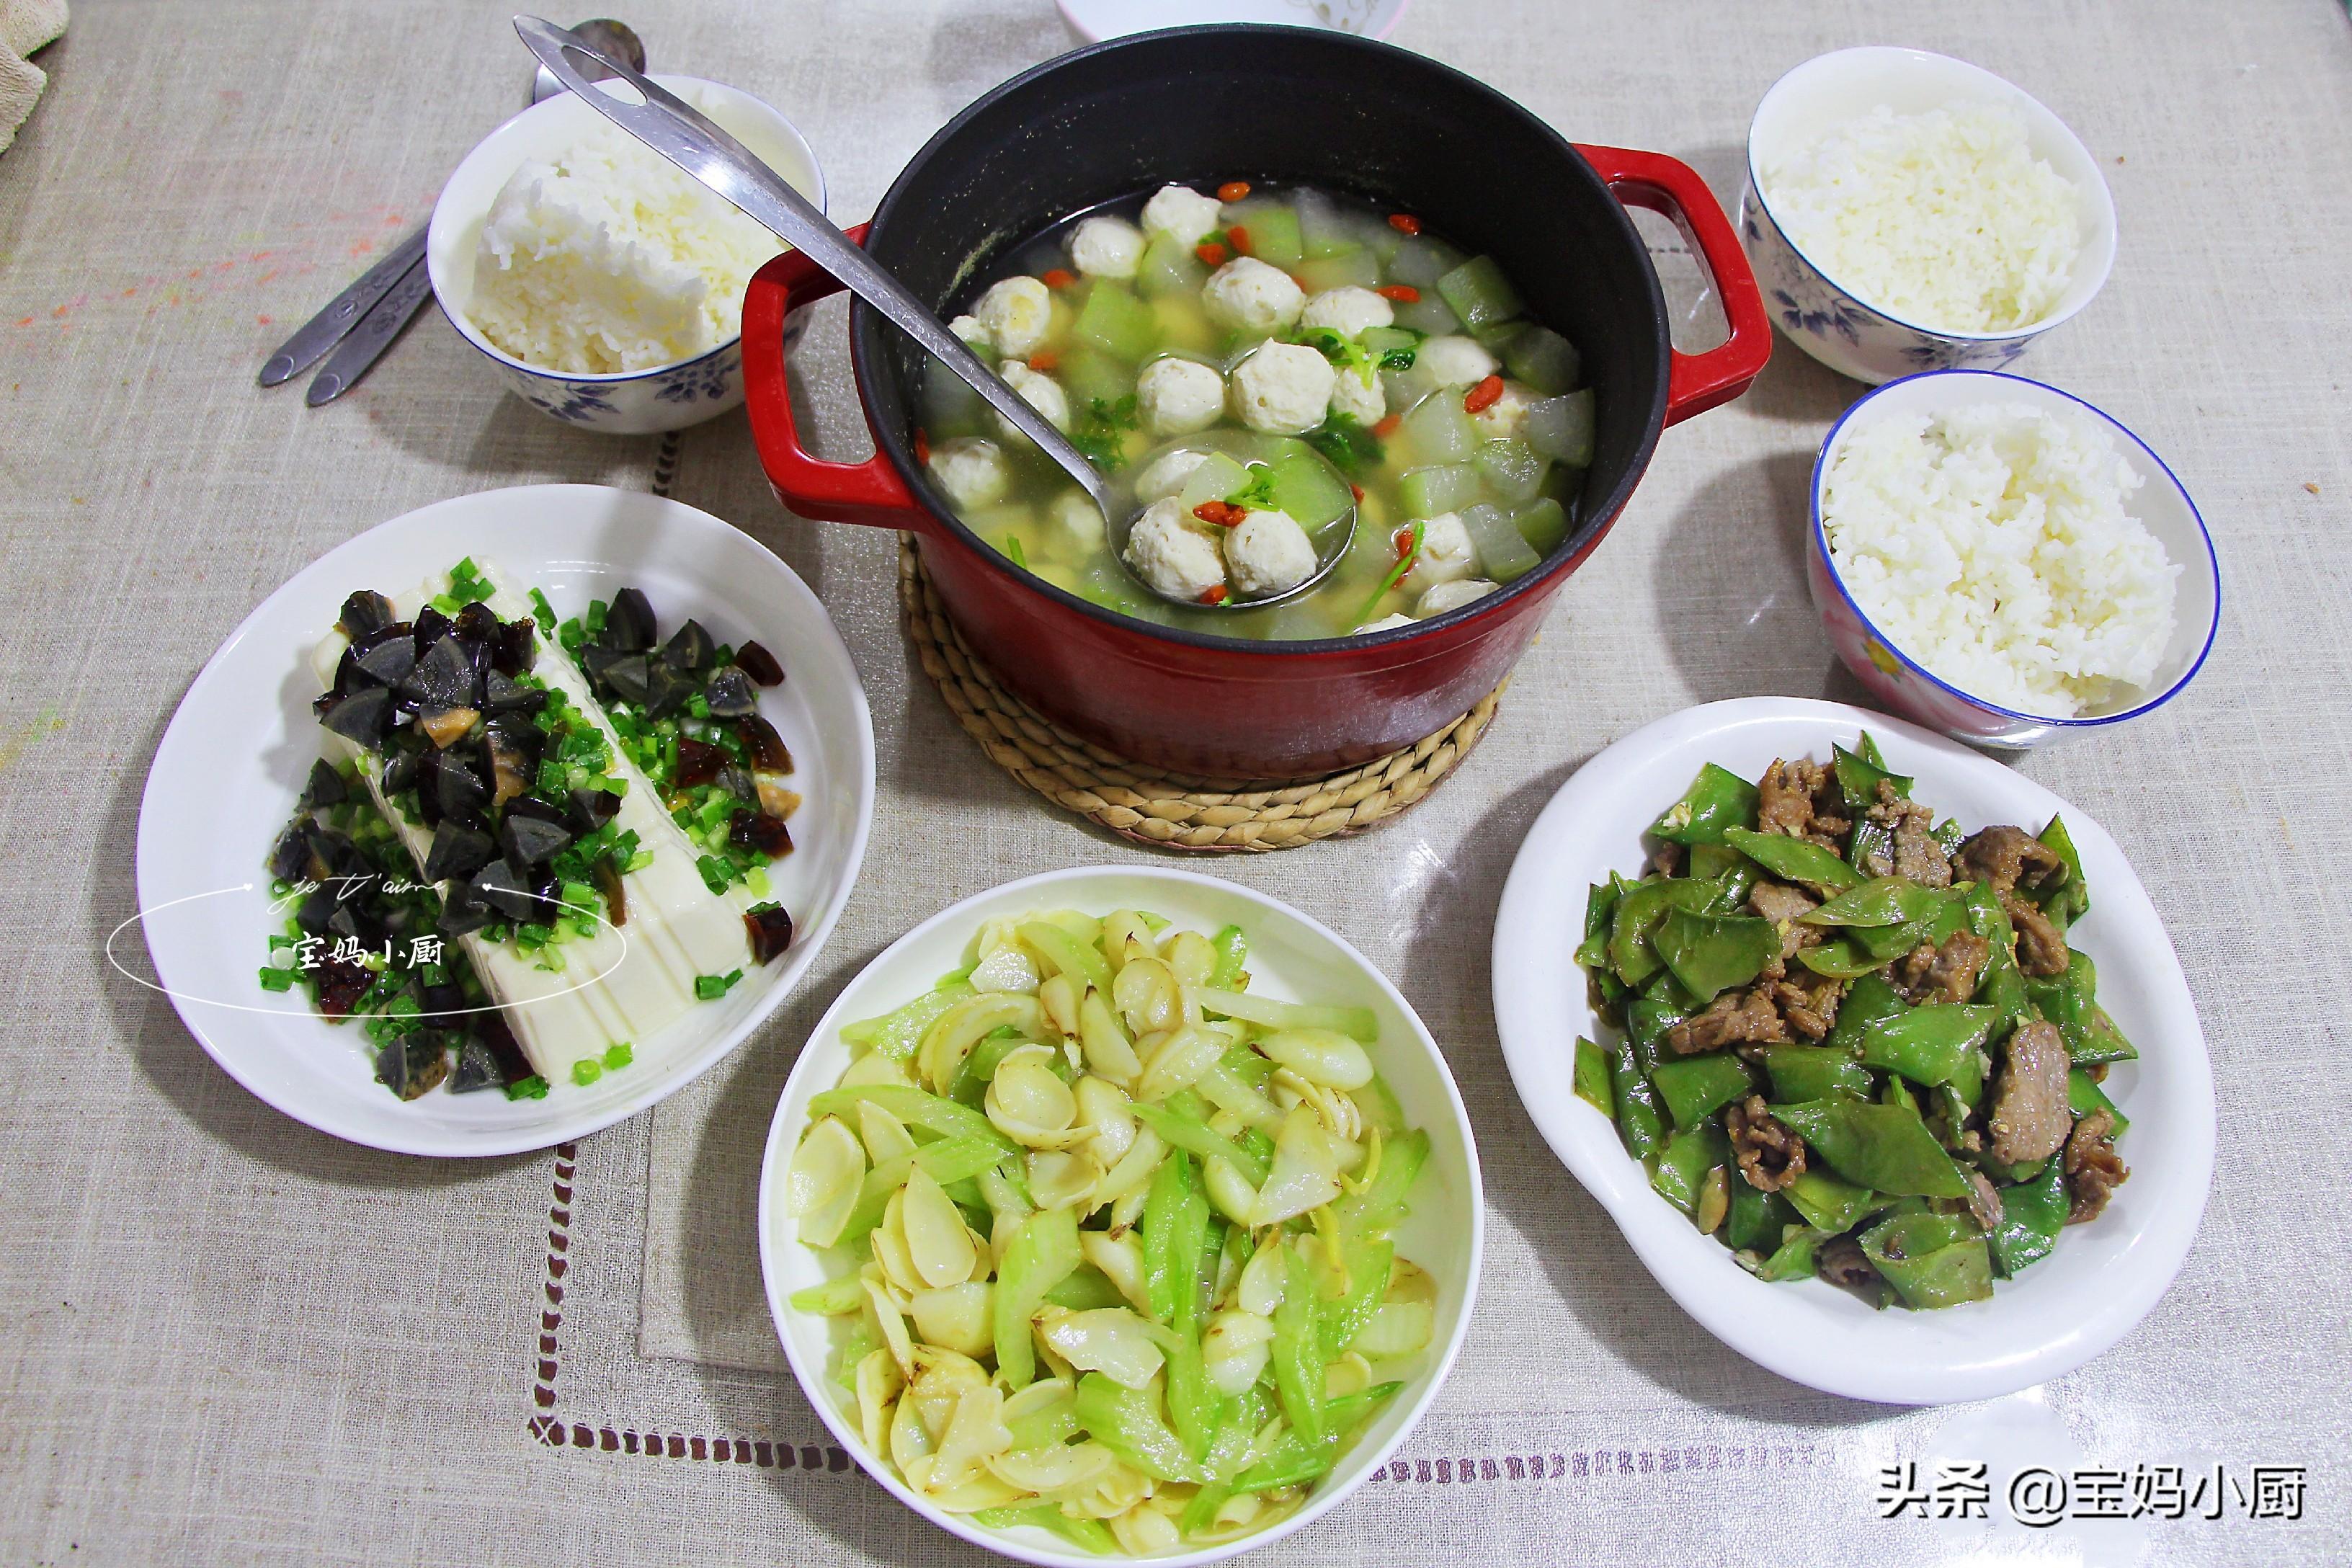 立秋以后,要常吃的菜,不秋燥还家常,4道美食一次都学会